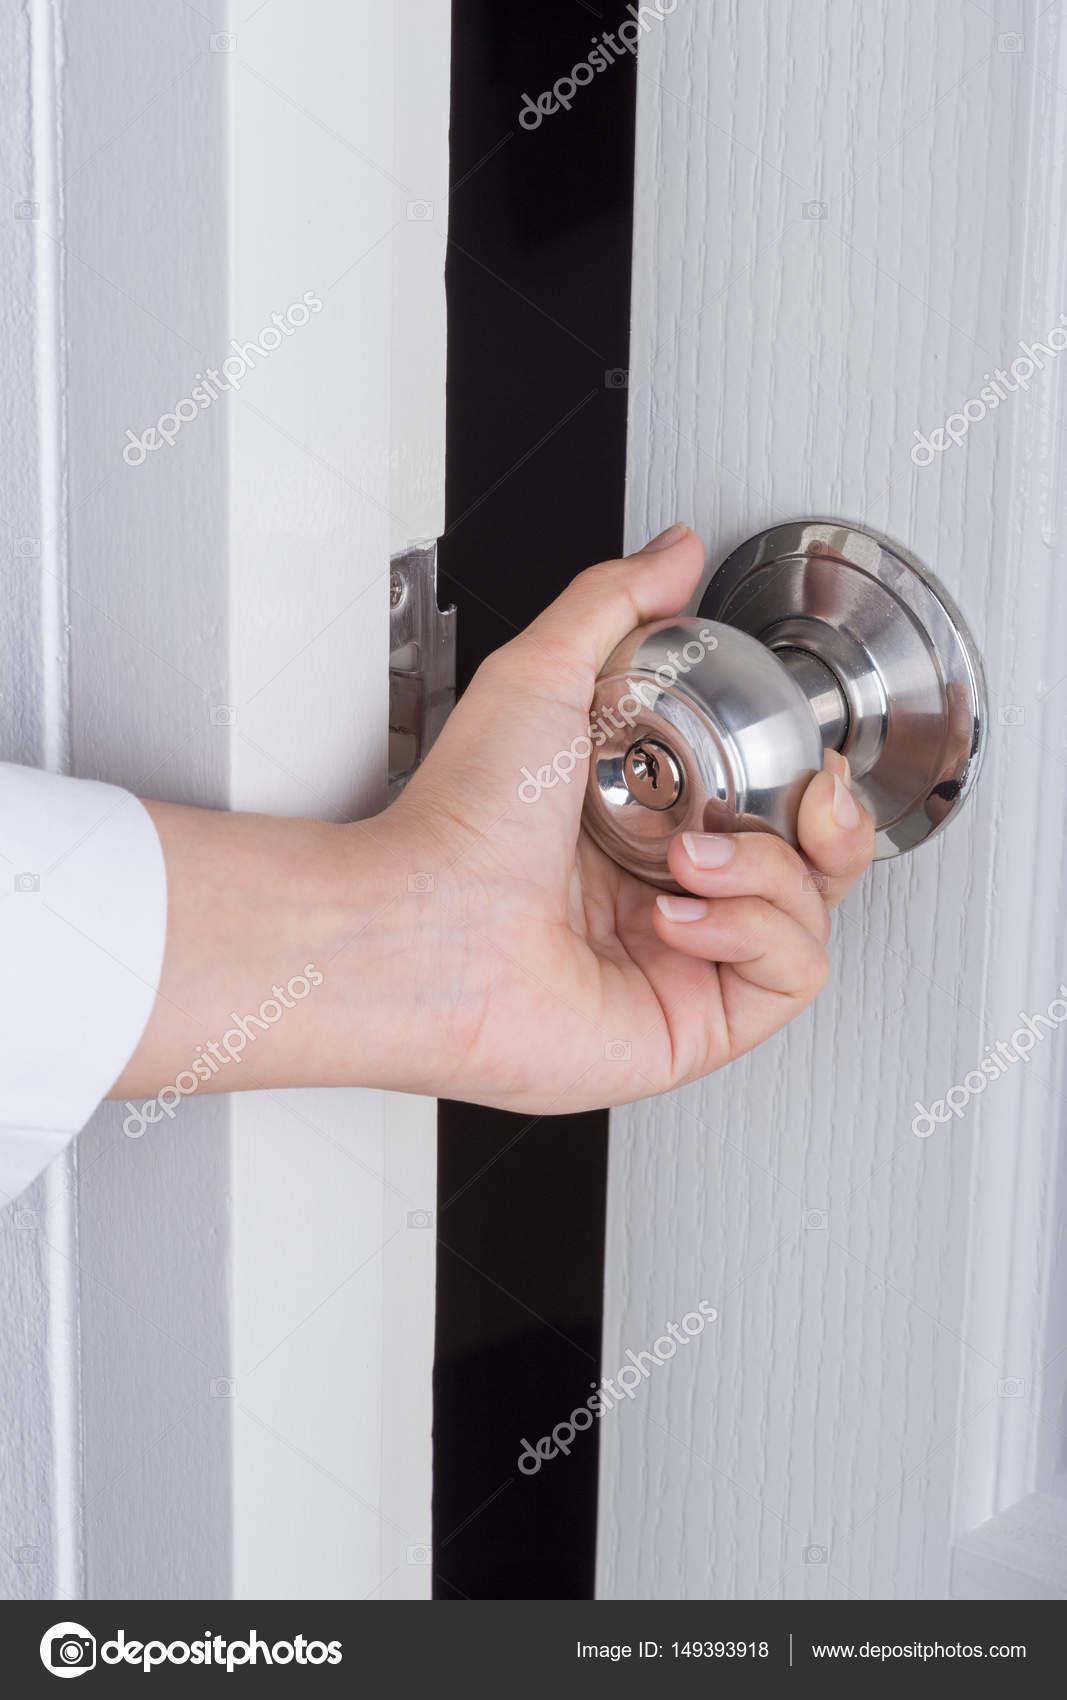 Hand opening door knob on white door — Stock Photo © geargodz #149393918